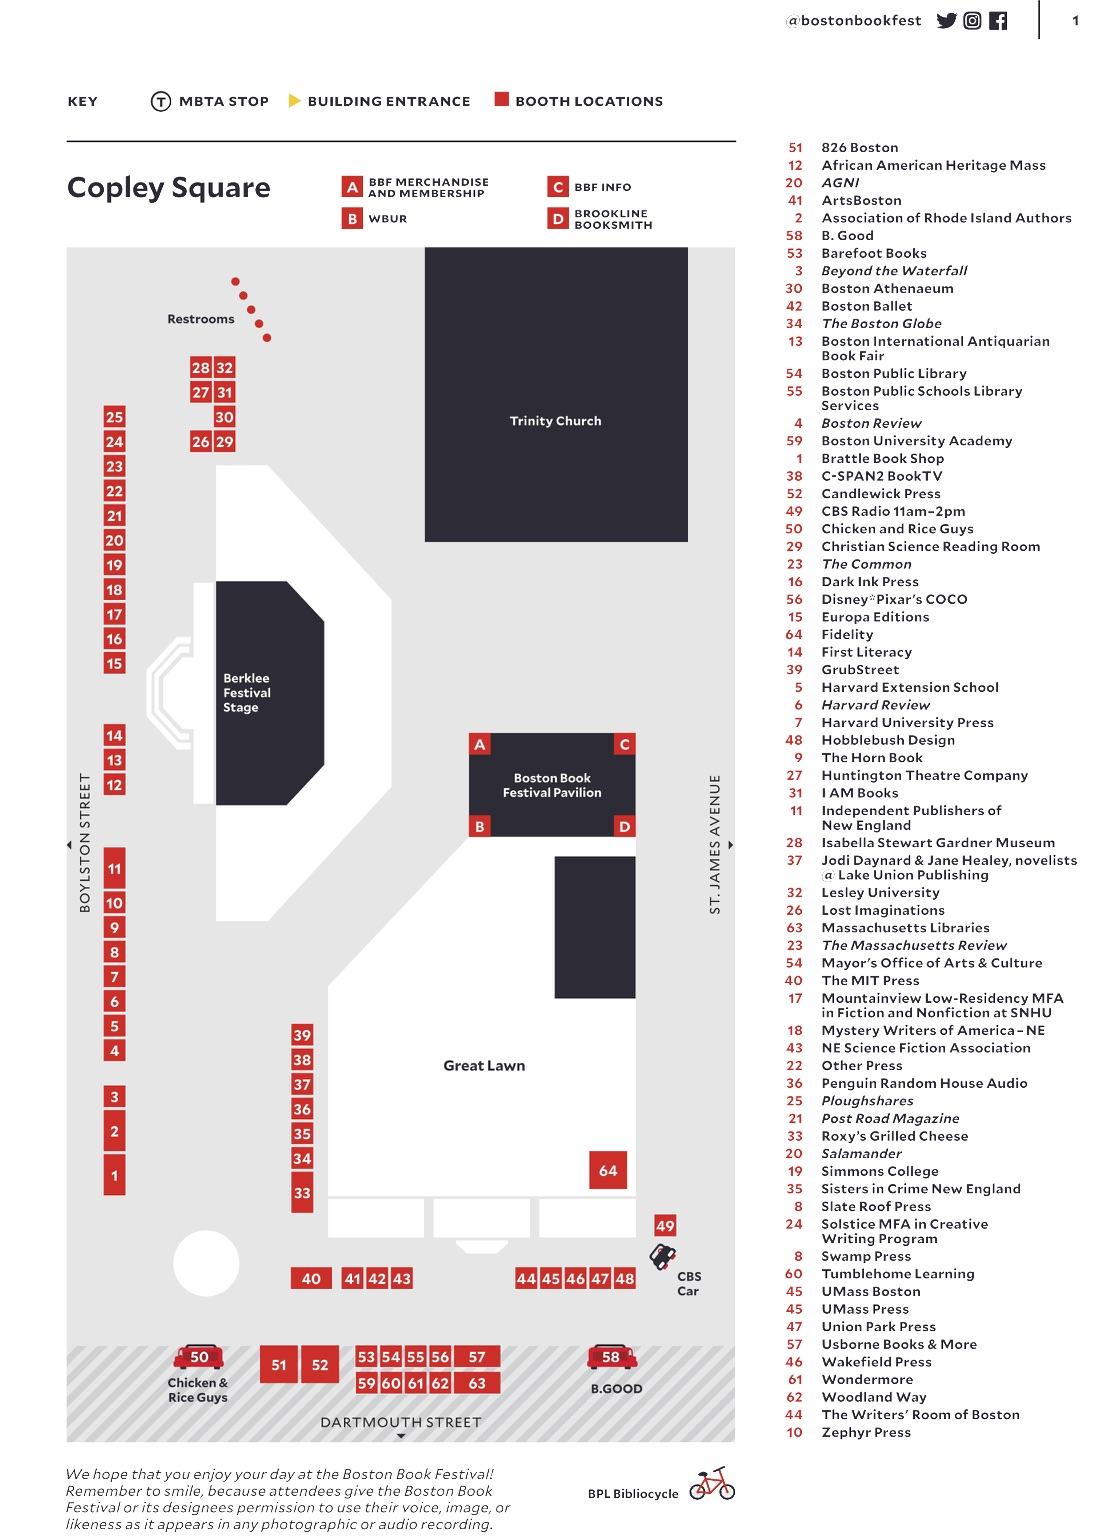 Boston book festival map